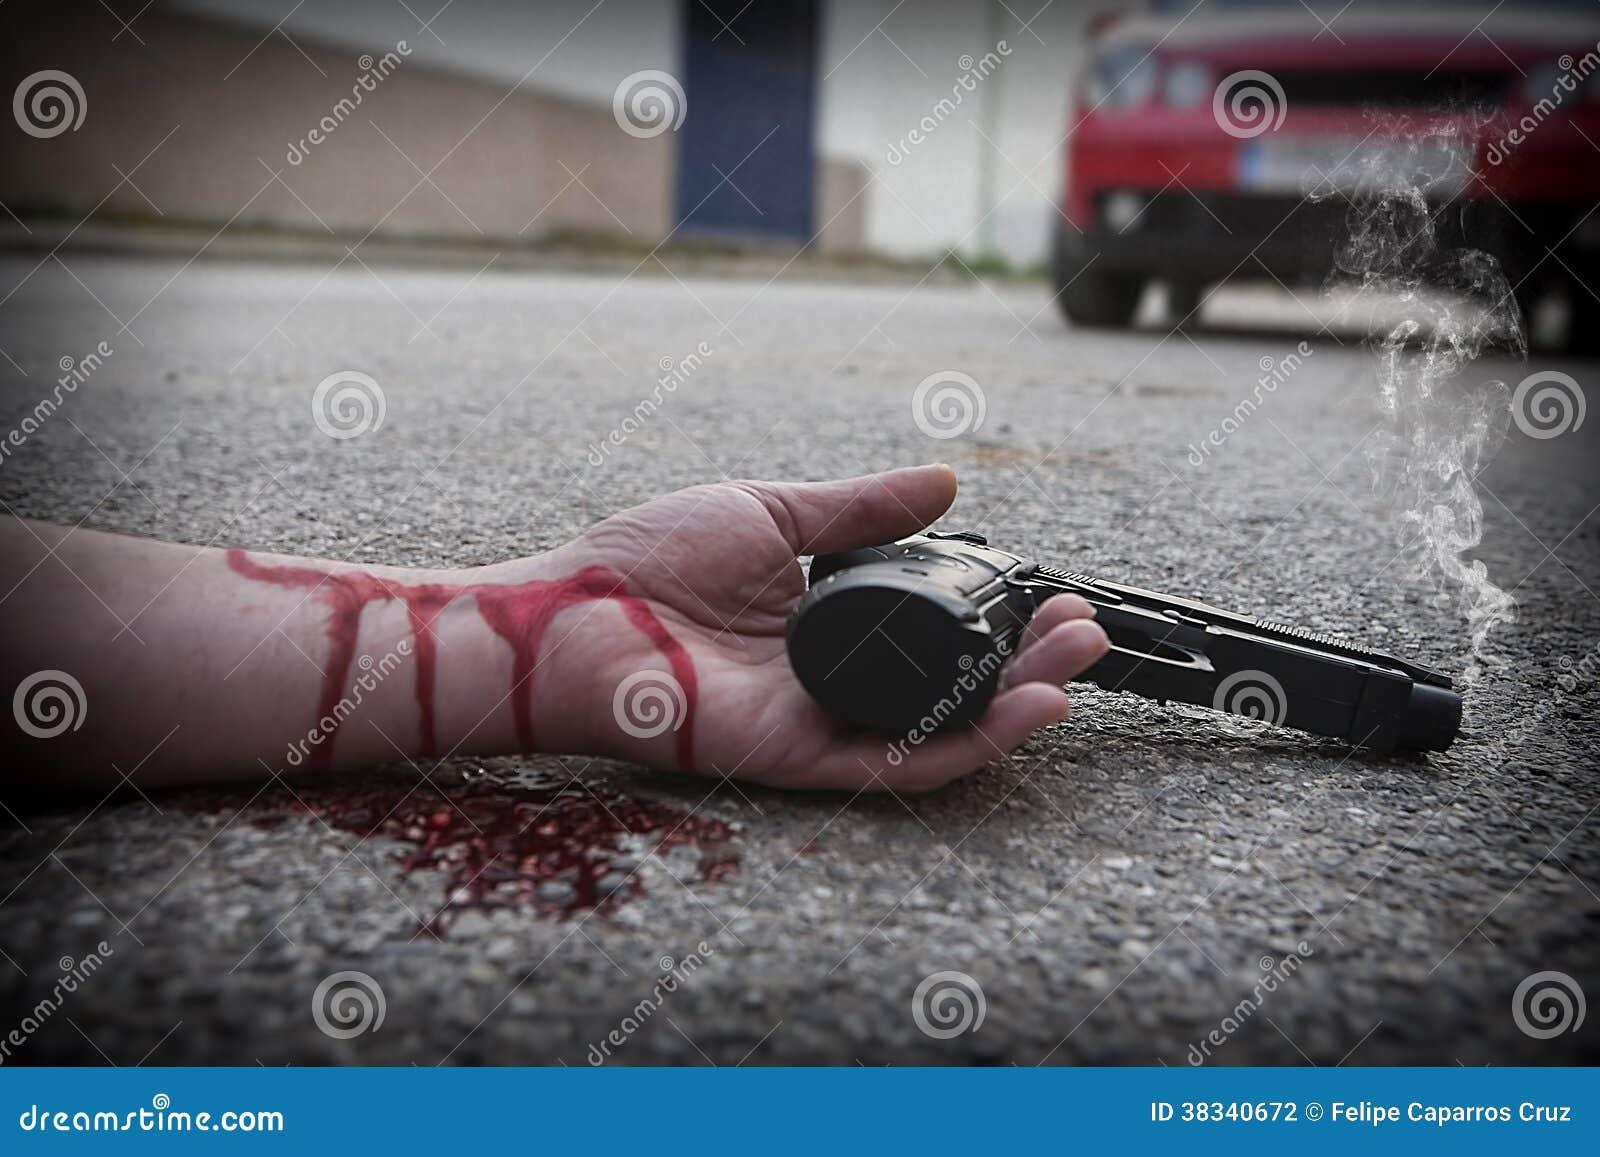 Картинка убитый мужчина